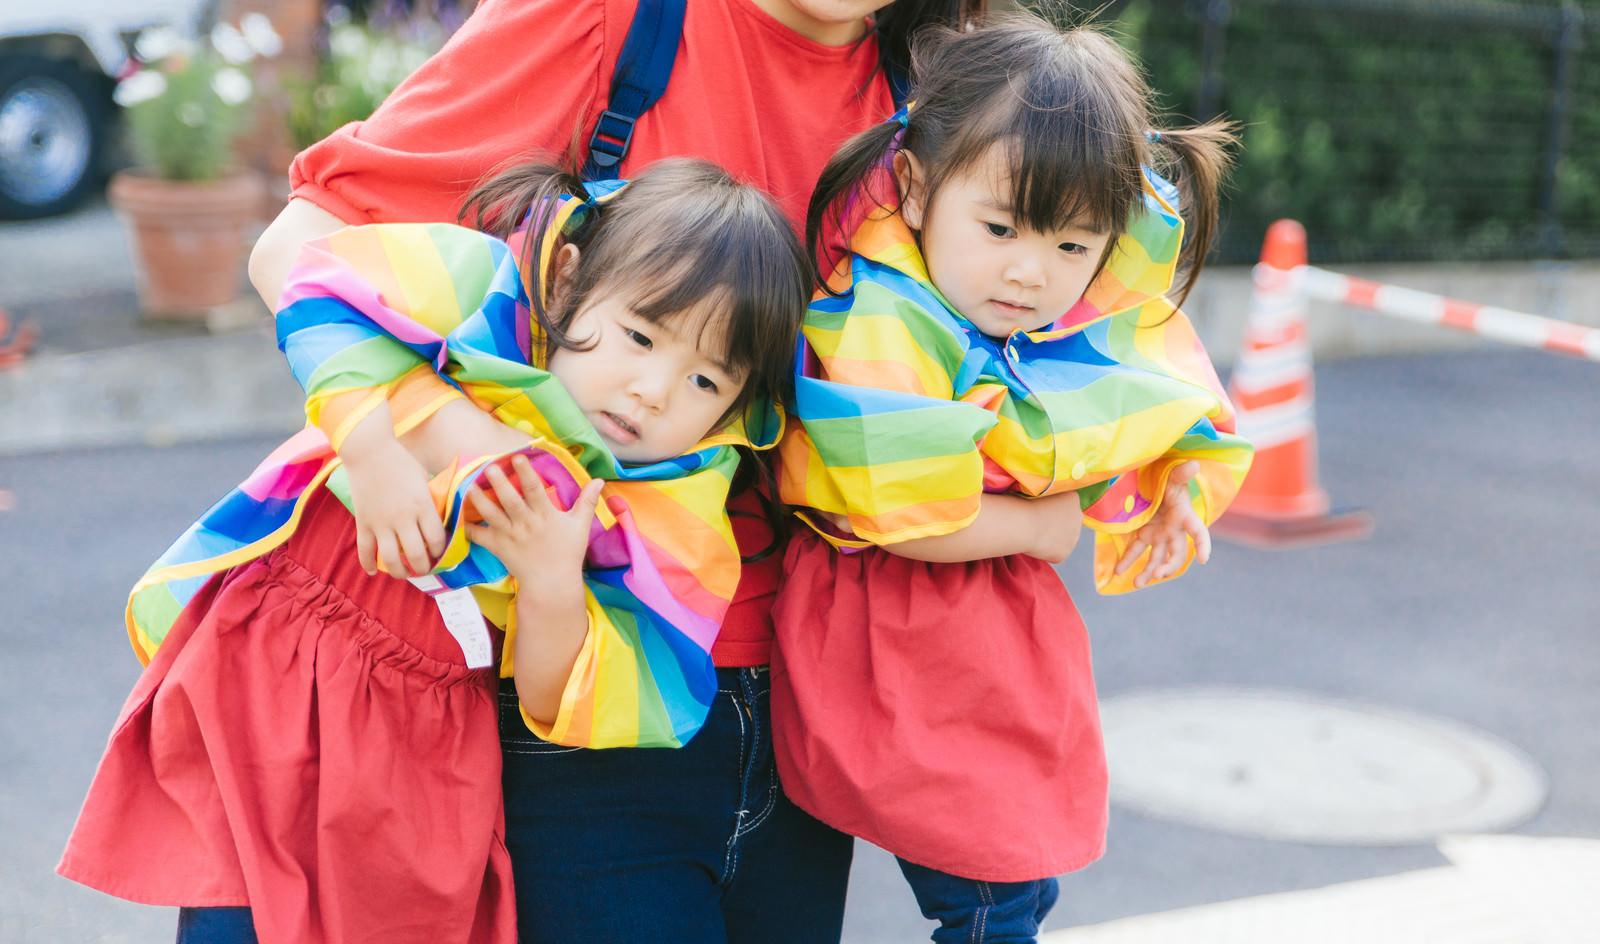 「駄々をこねる双子と抱きかかえる母親」の写真[モデル:あおみどり]